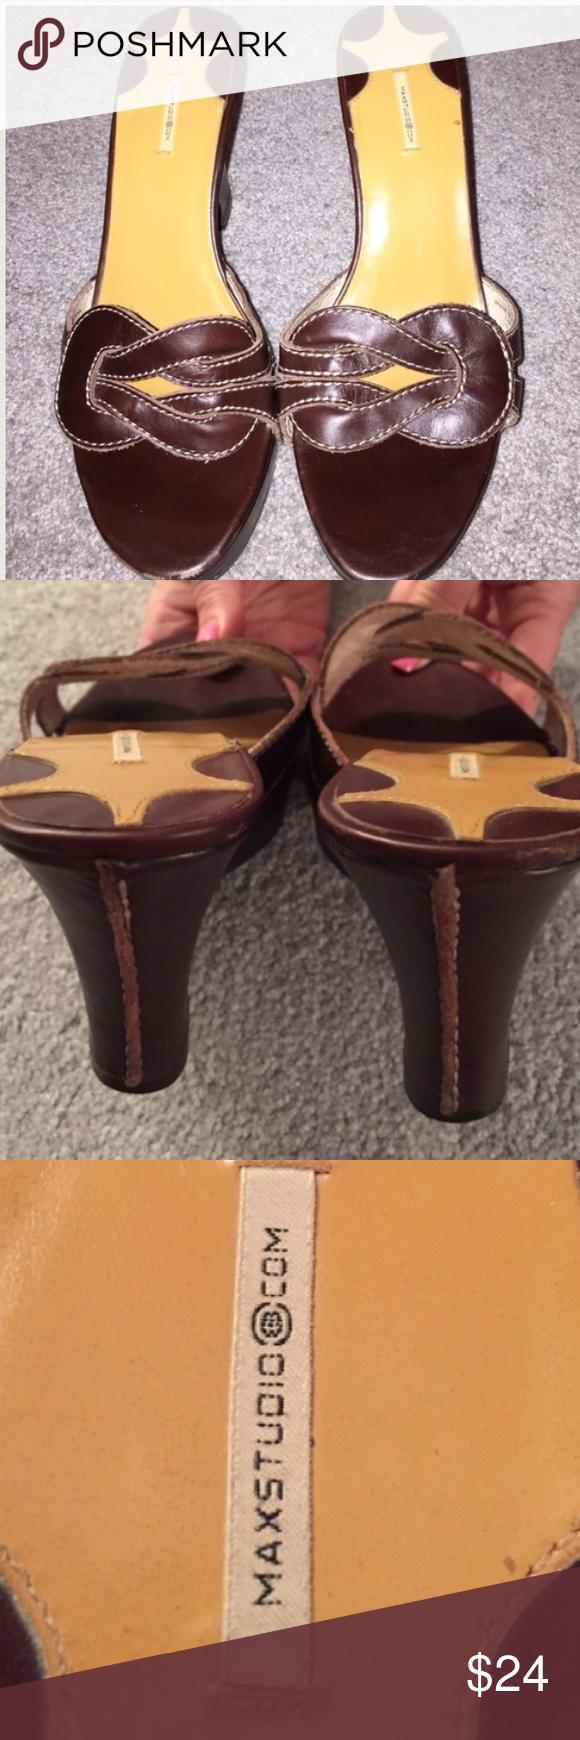 MAX STUDIO SANDALS-nice detail. 6.5. Brown MAX STUDIO SANDALS-nice detail. 6.5. Brown Max Studio Shoes Sandals